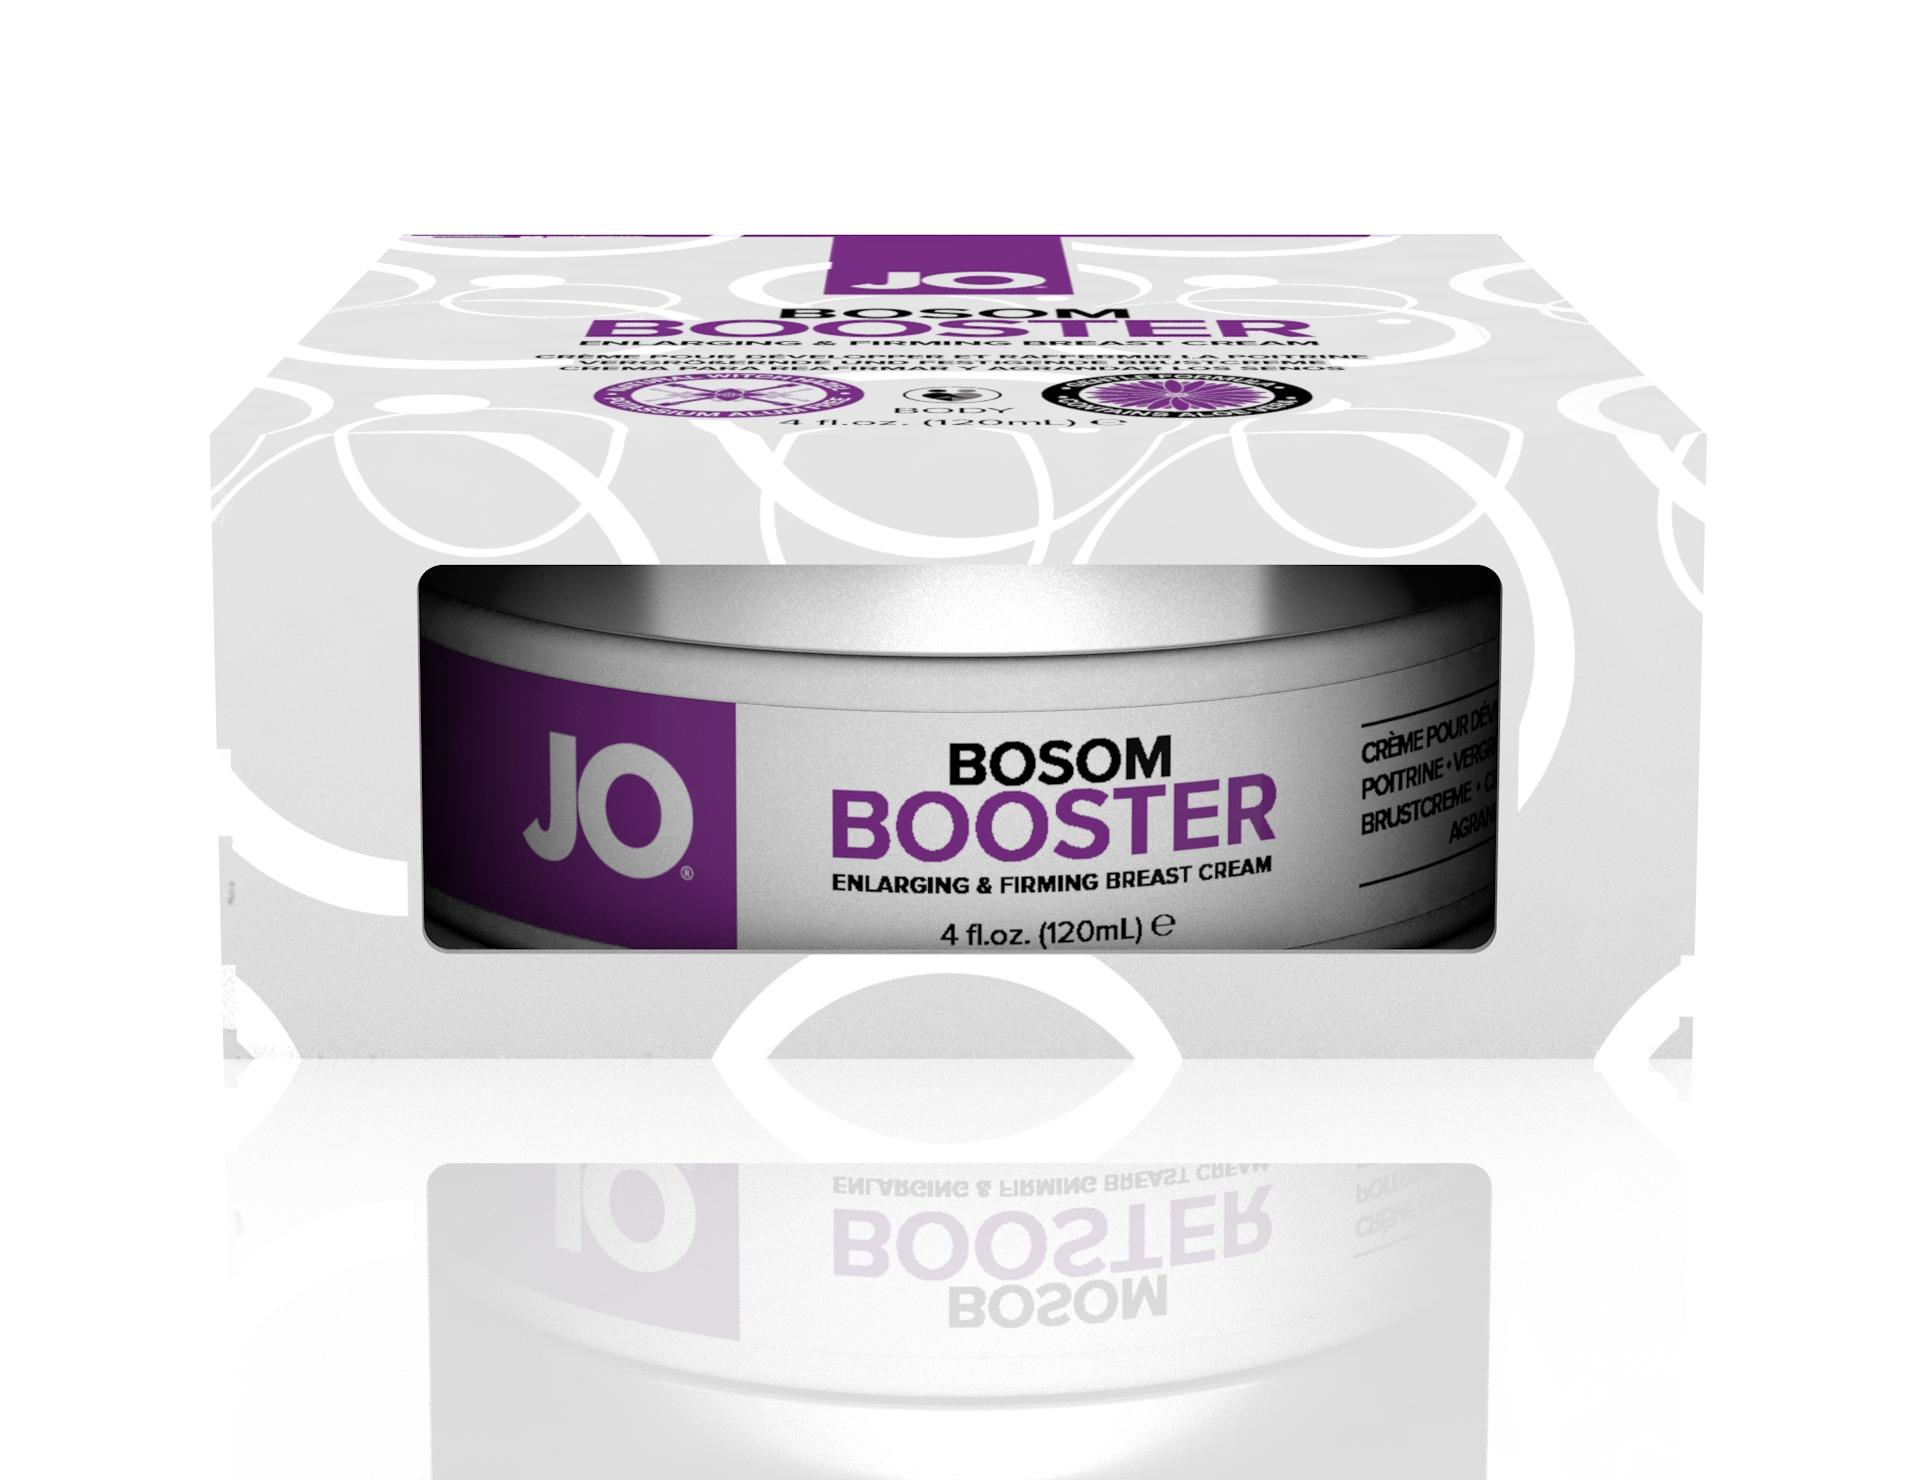 40450 - JO BOSOM BOOSTER - BREAST & BUTTOCKS ENCHANCING CREAM - 4fl.oz120mL.jpg